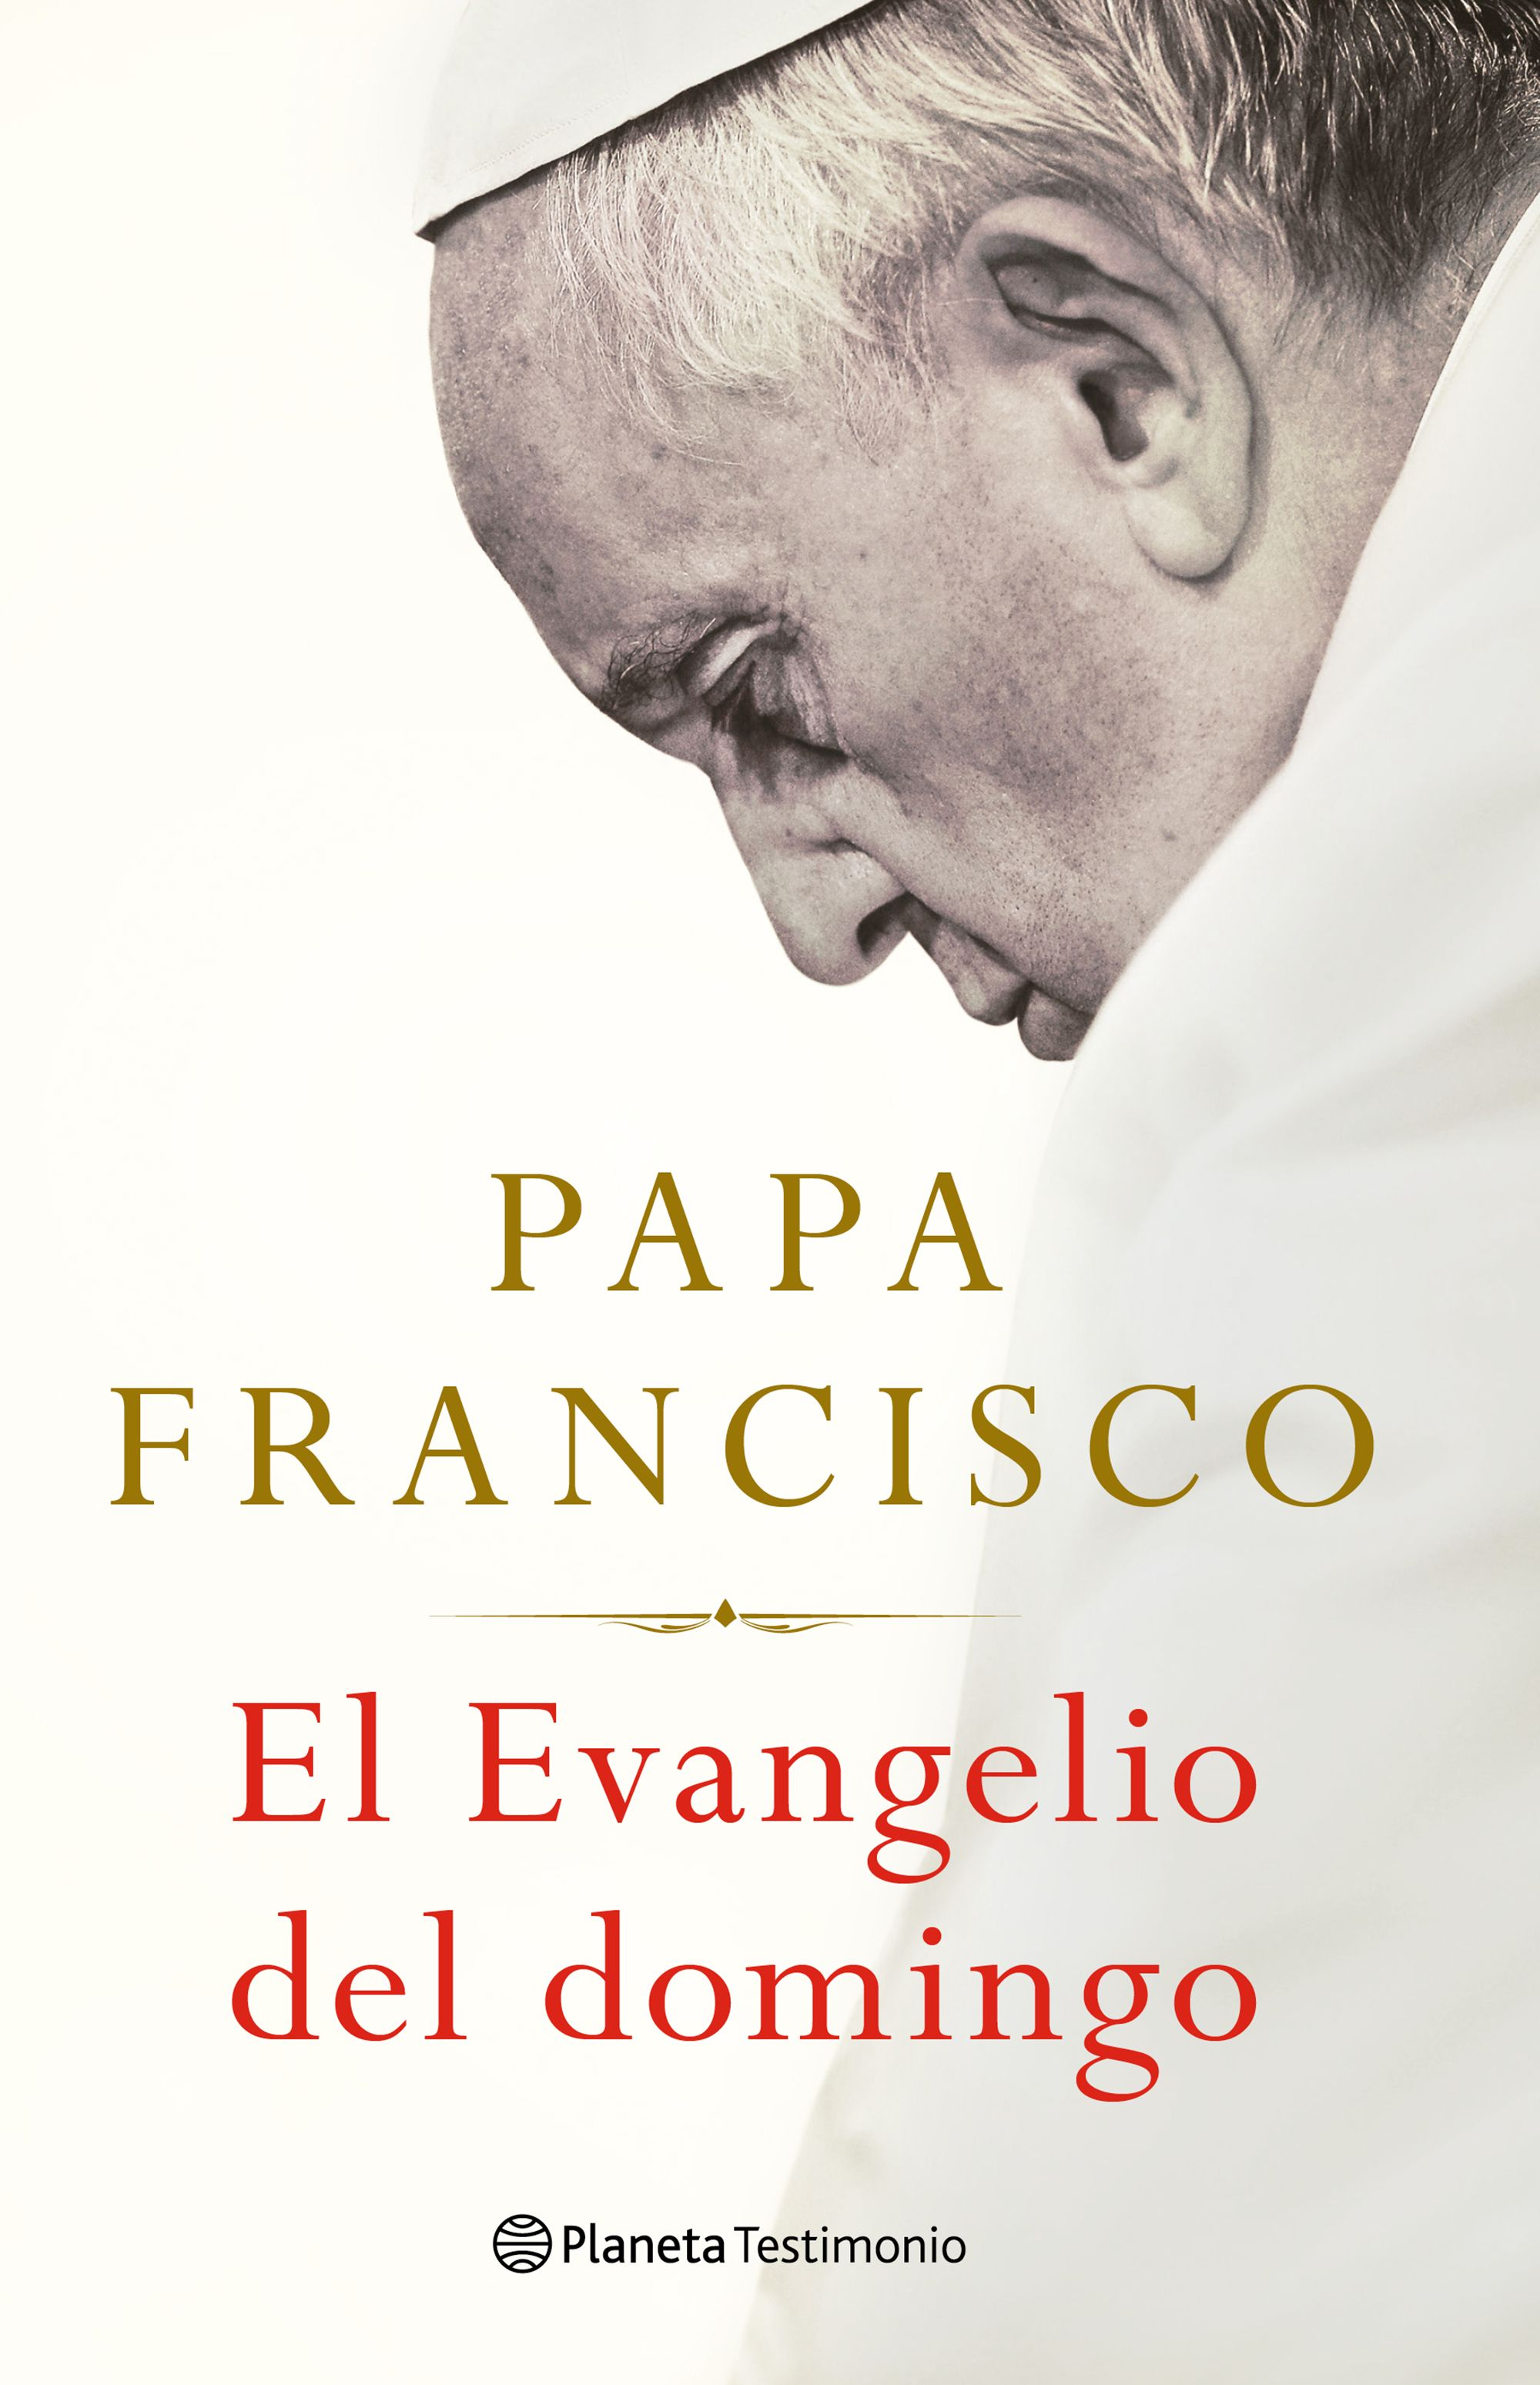 Los libros de octubre: El evangelio del domingo - Papa Francsico (Planeta)